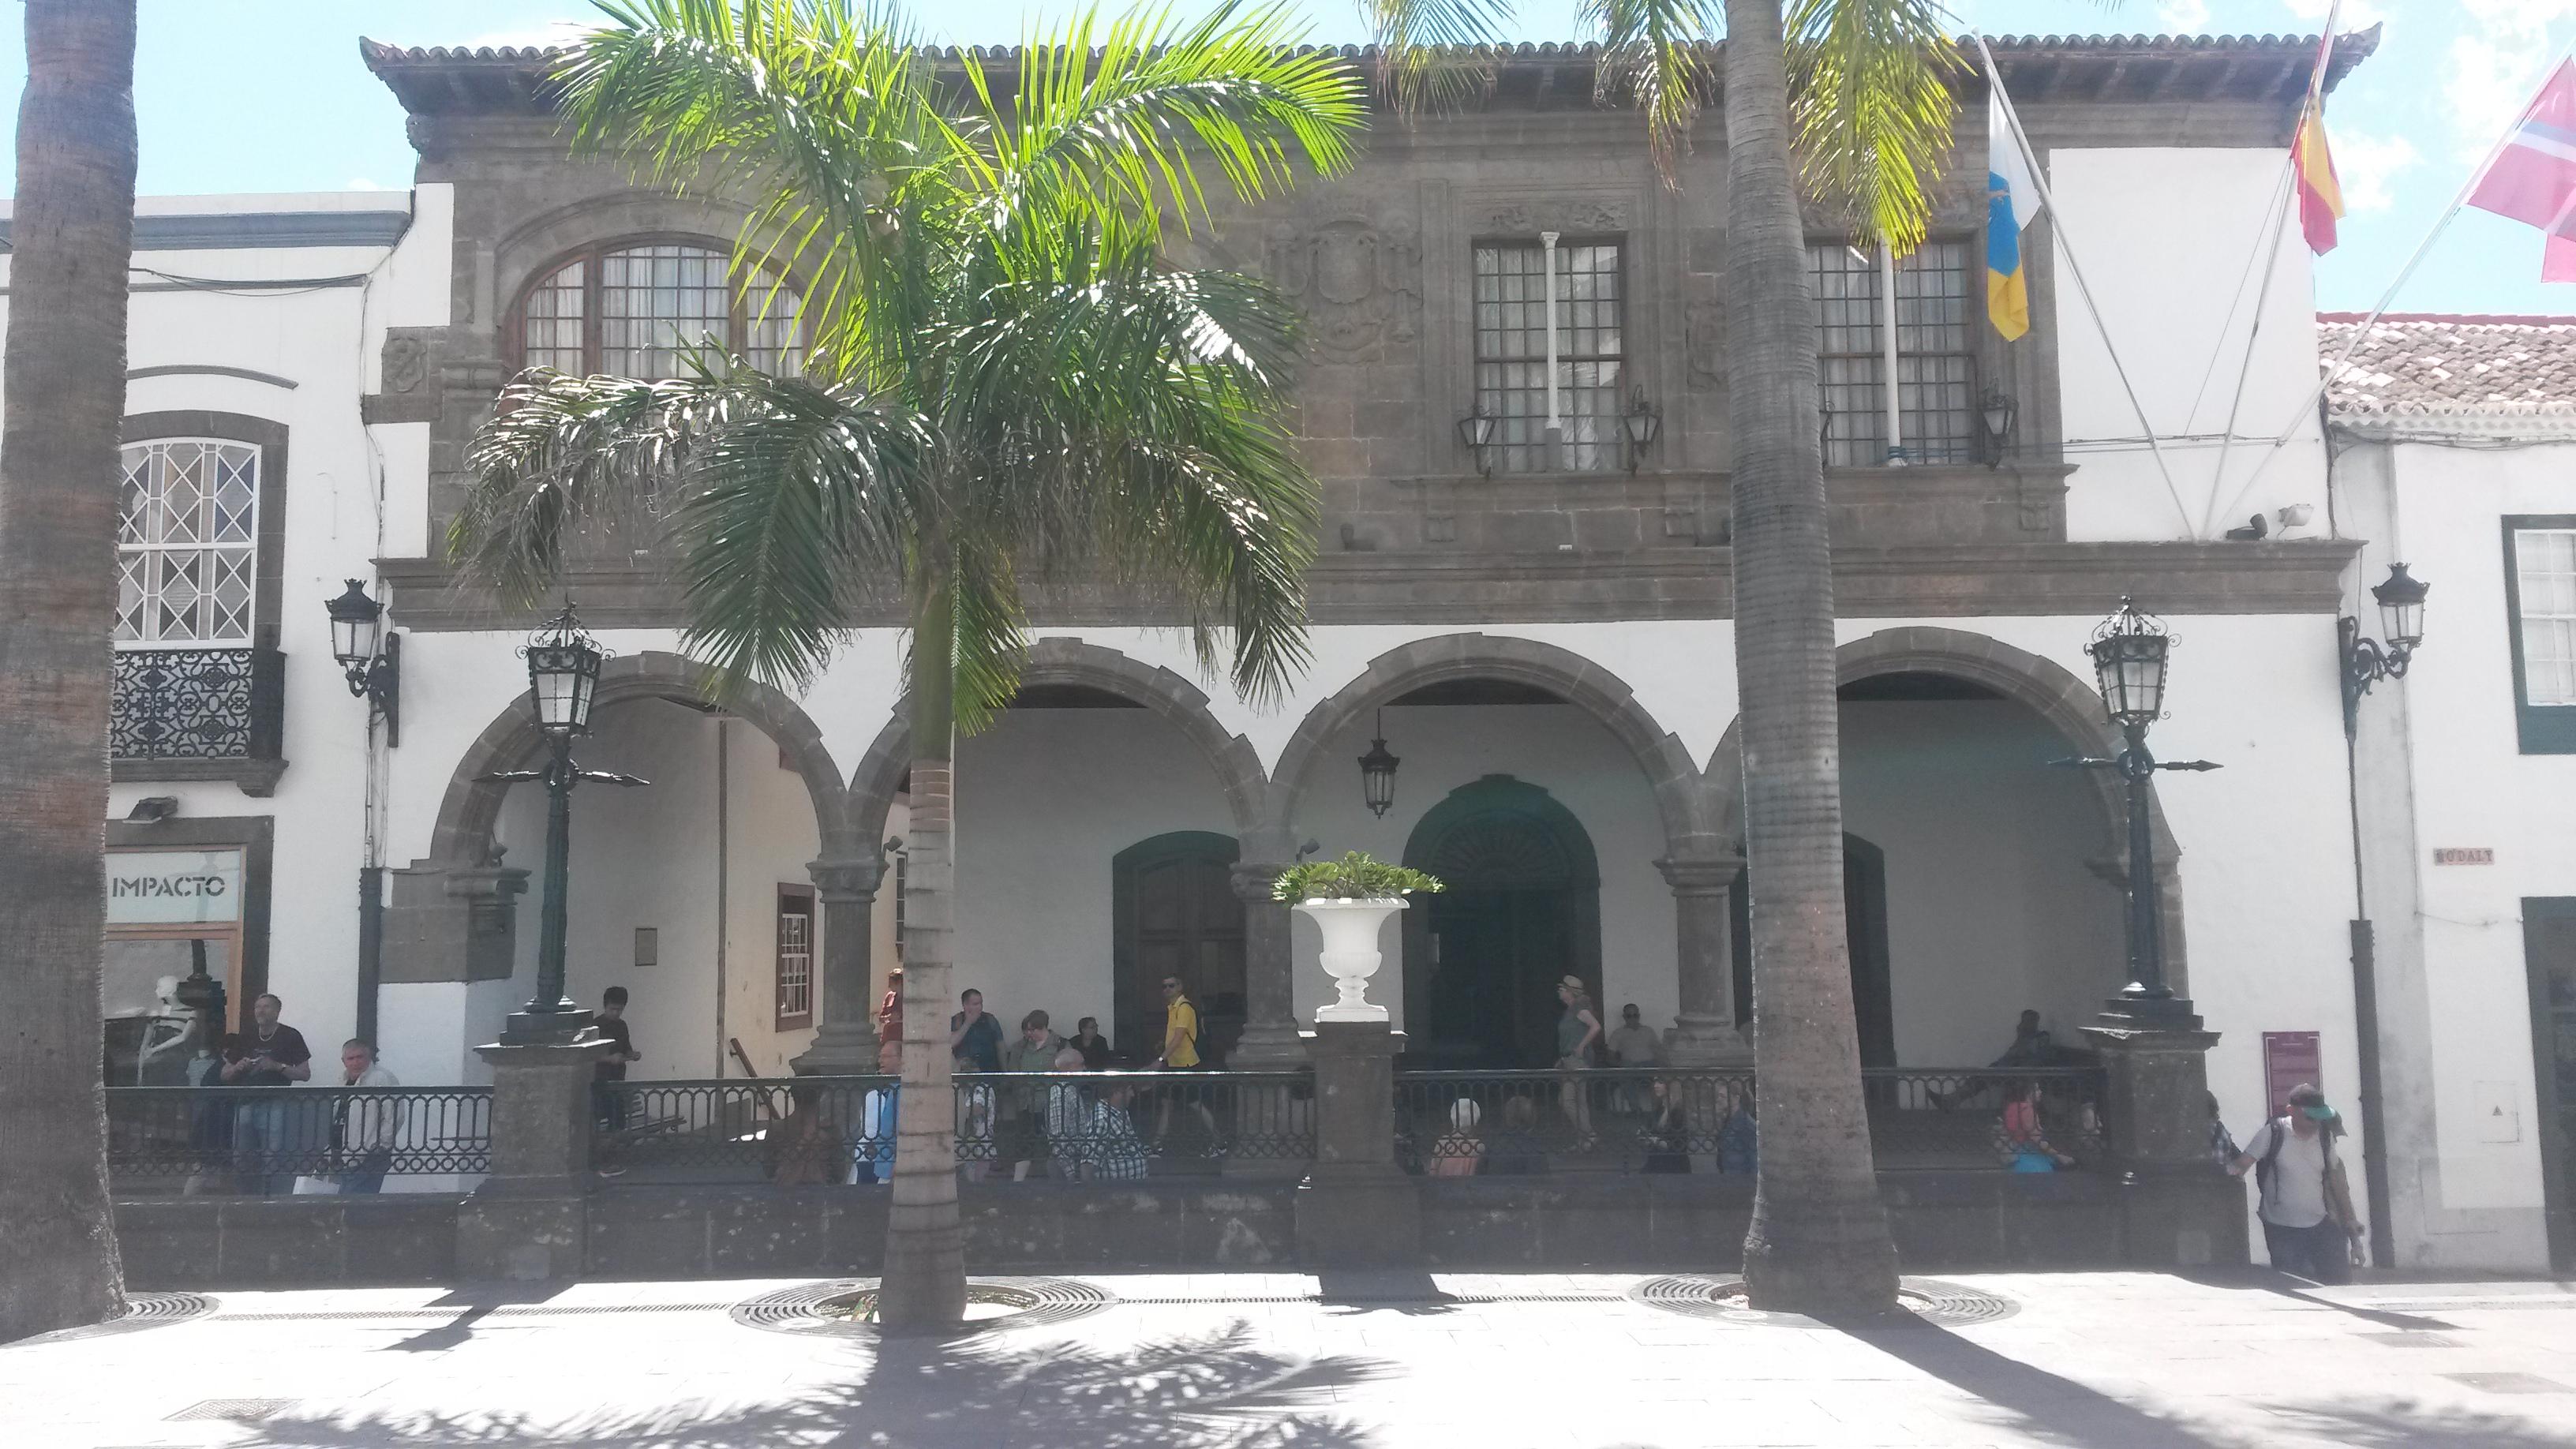 Das Rathaus von Santa Cruz de La Palma haben wir bei einer Führung während unserer Kreuzfahrt mit der AIDAsol ebenfalls besichtigt.